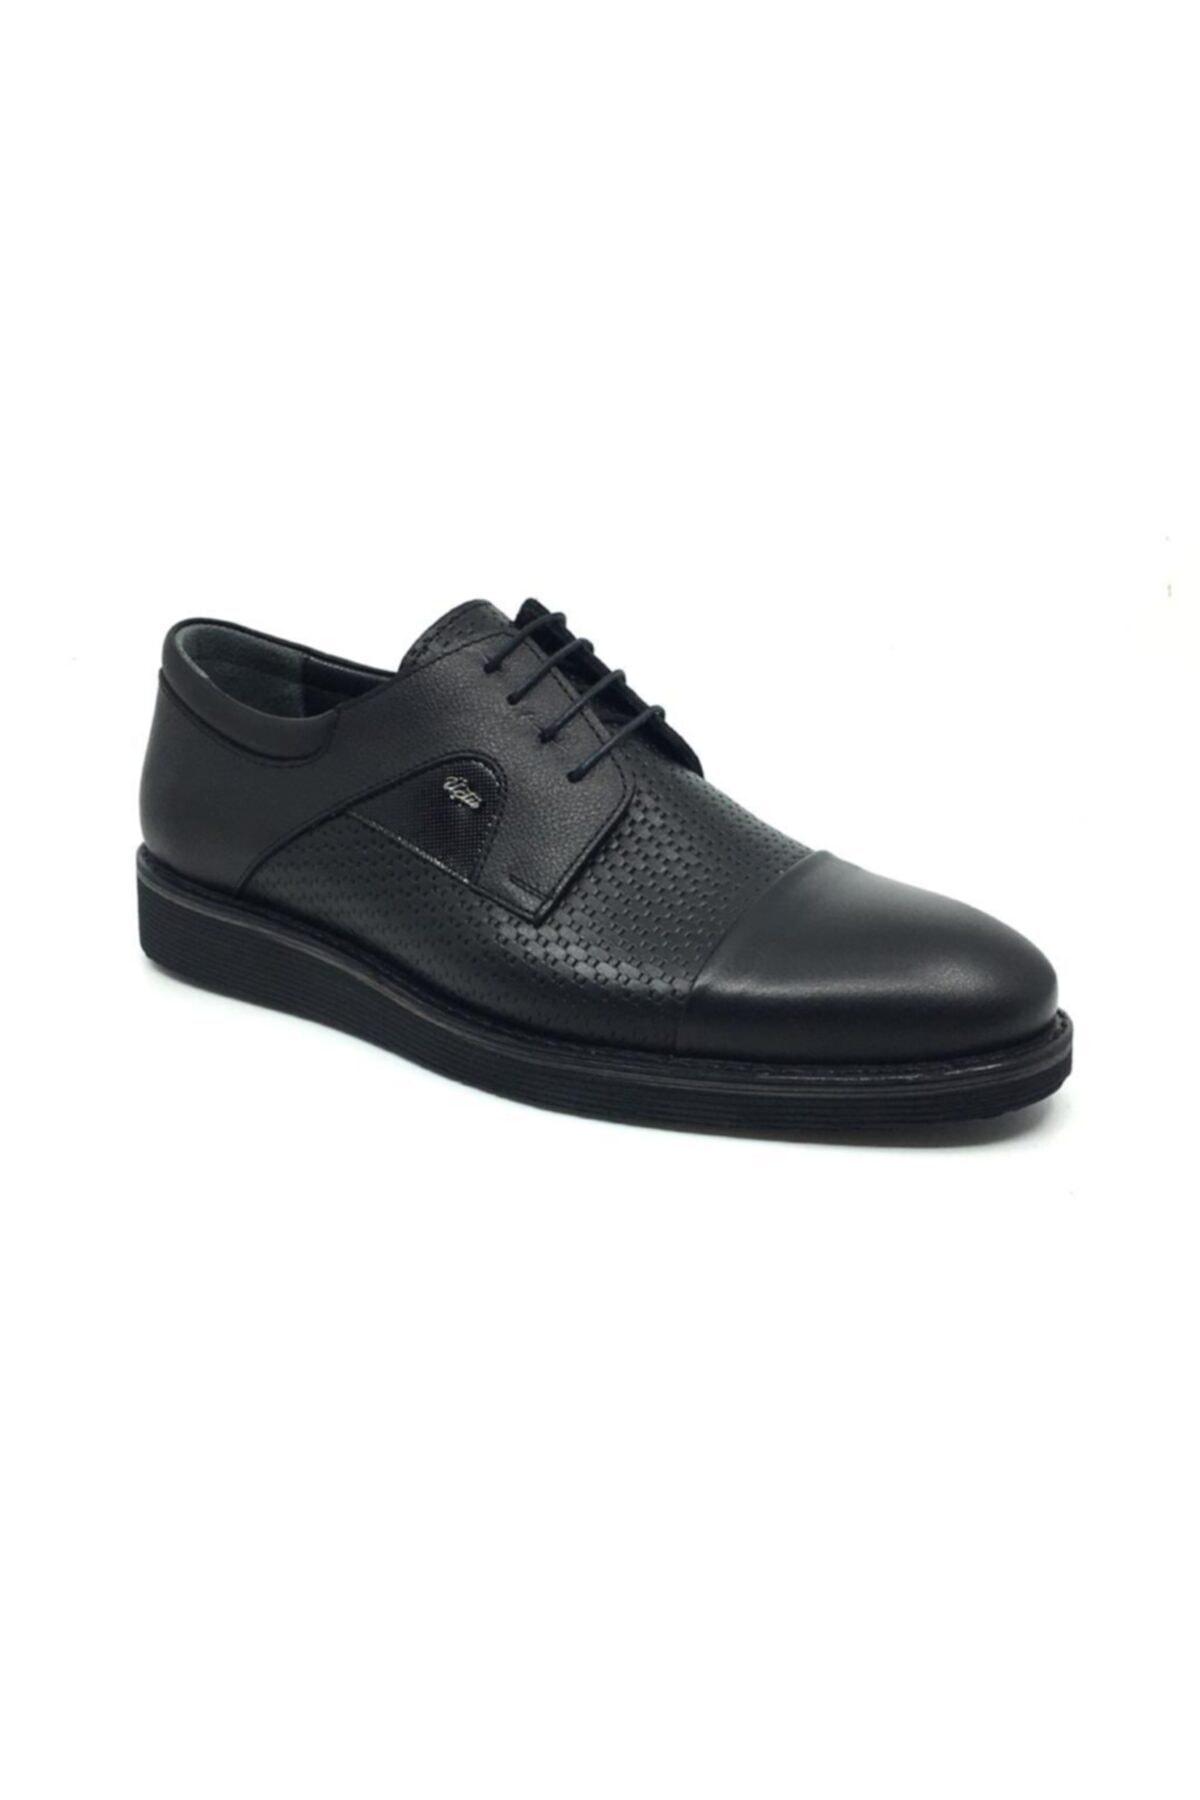 Taşpınar Erkek Rahat Günlük Yazlık Bağcıklı Ayakkabı 1